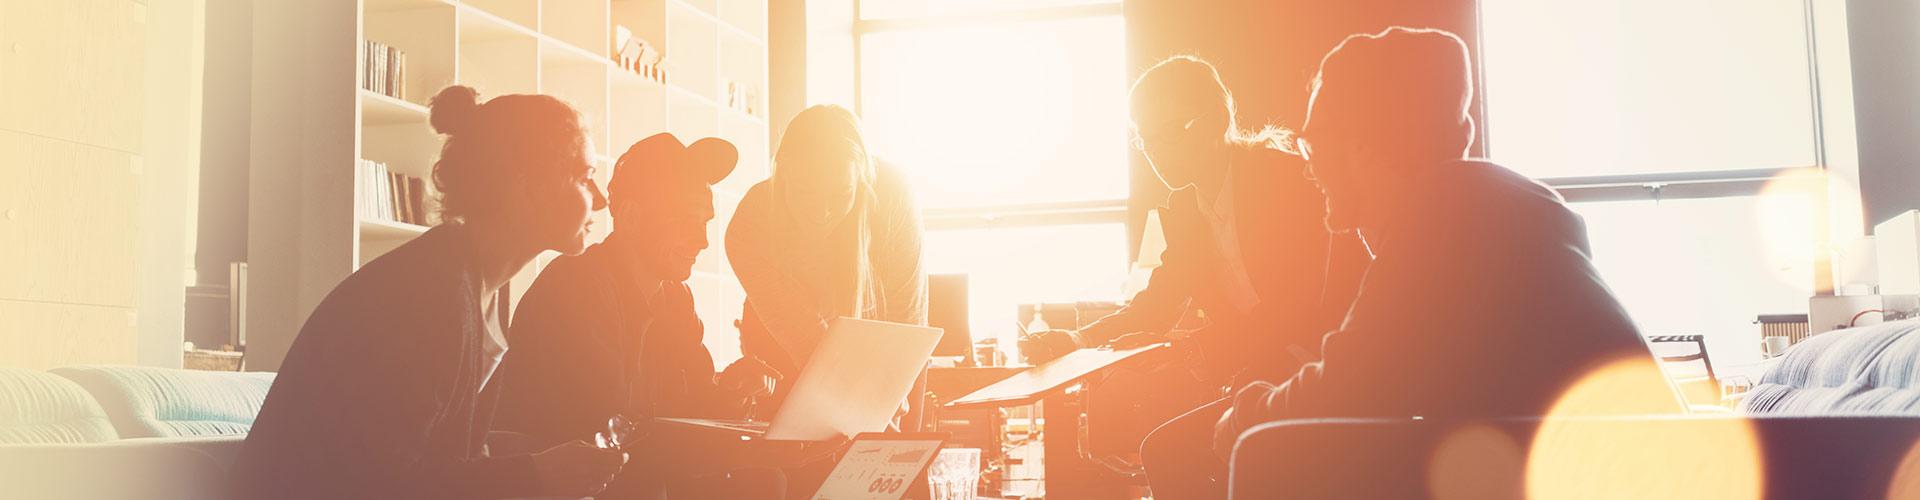 Devenir une entreprise à mission et raison d'être